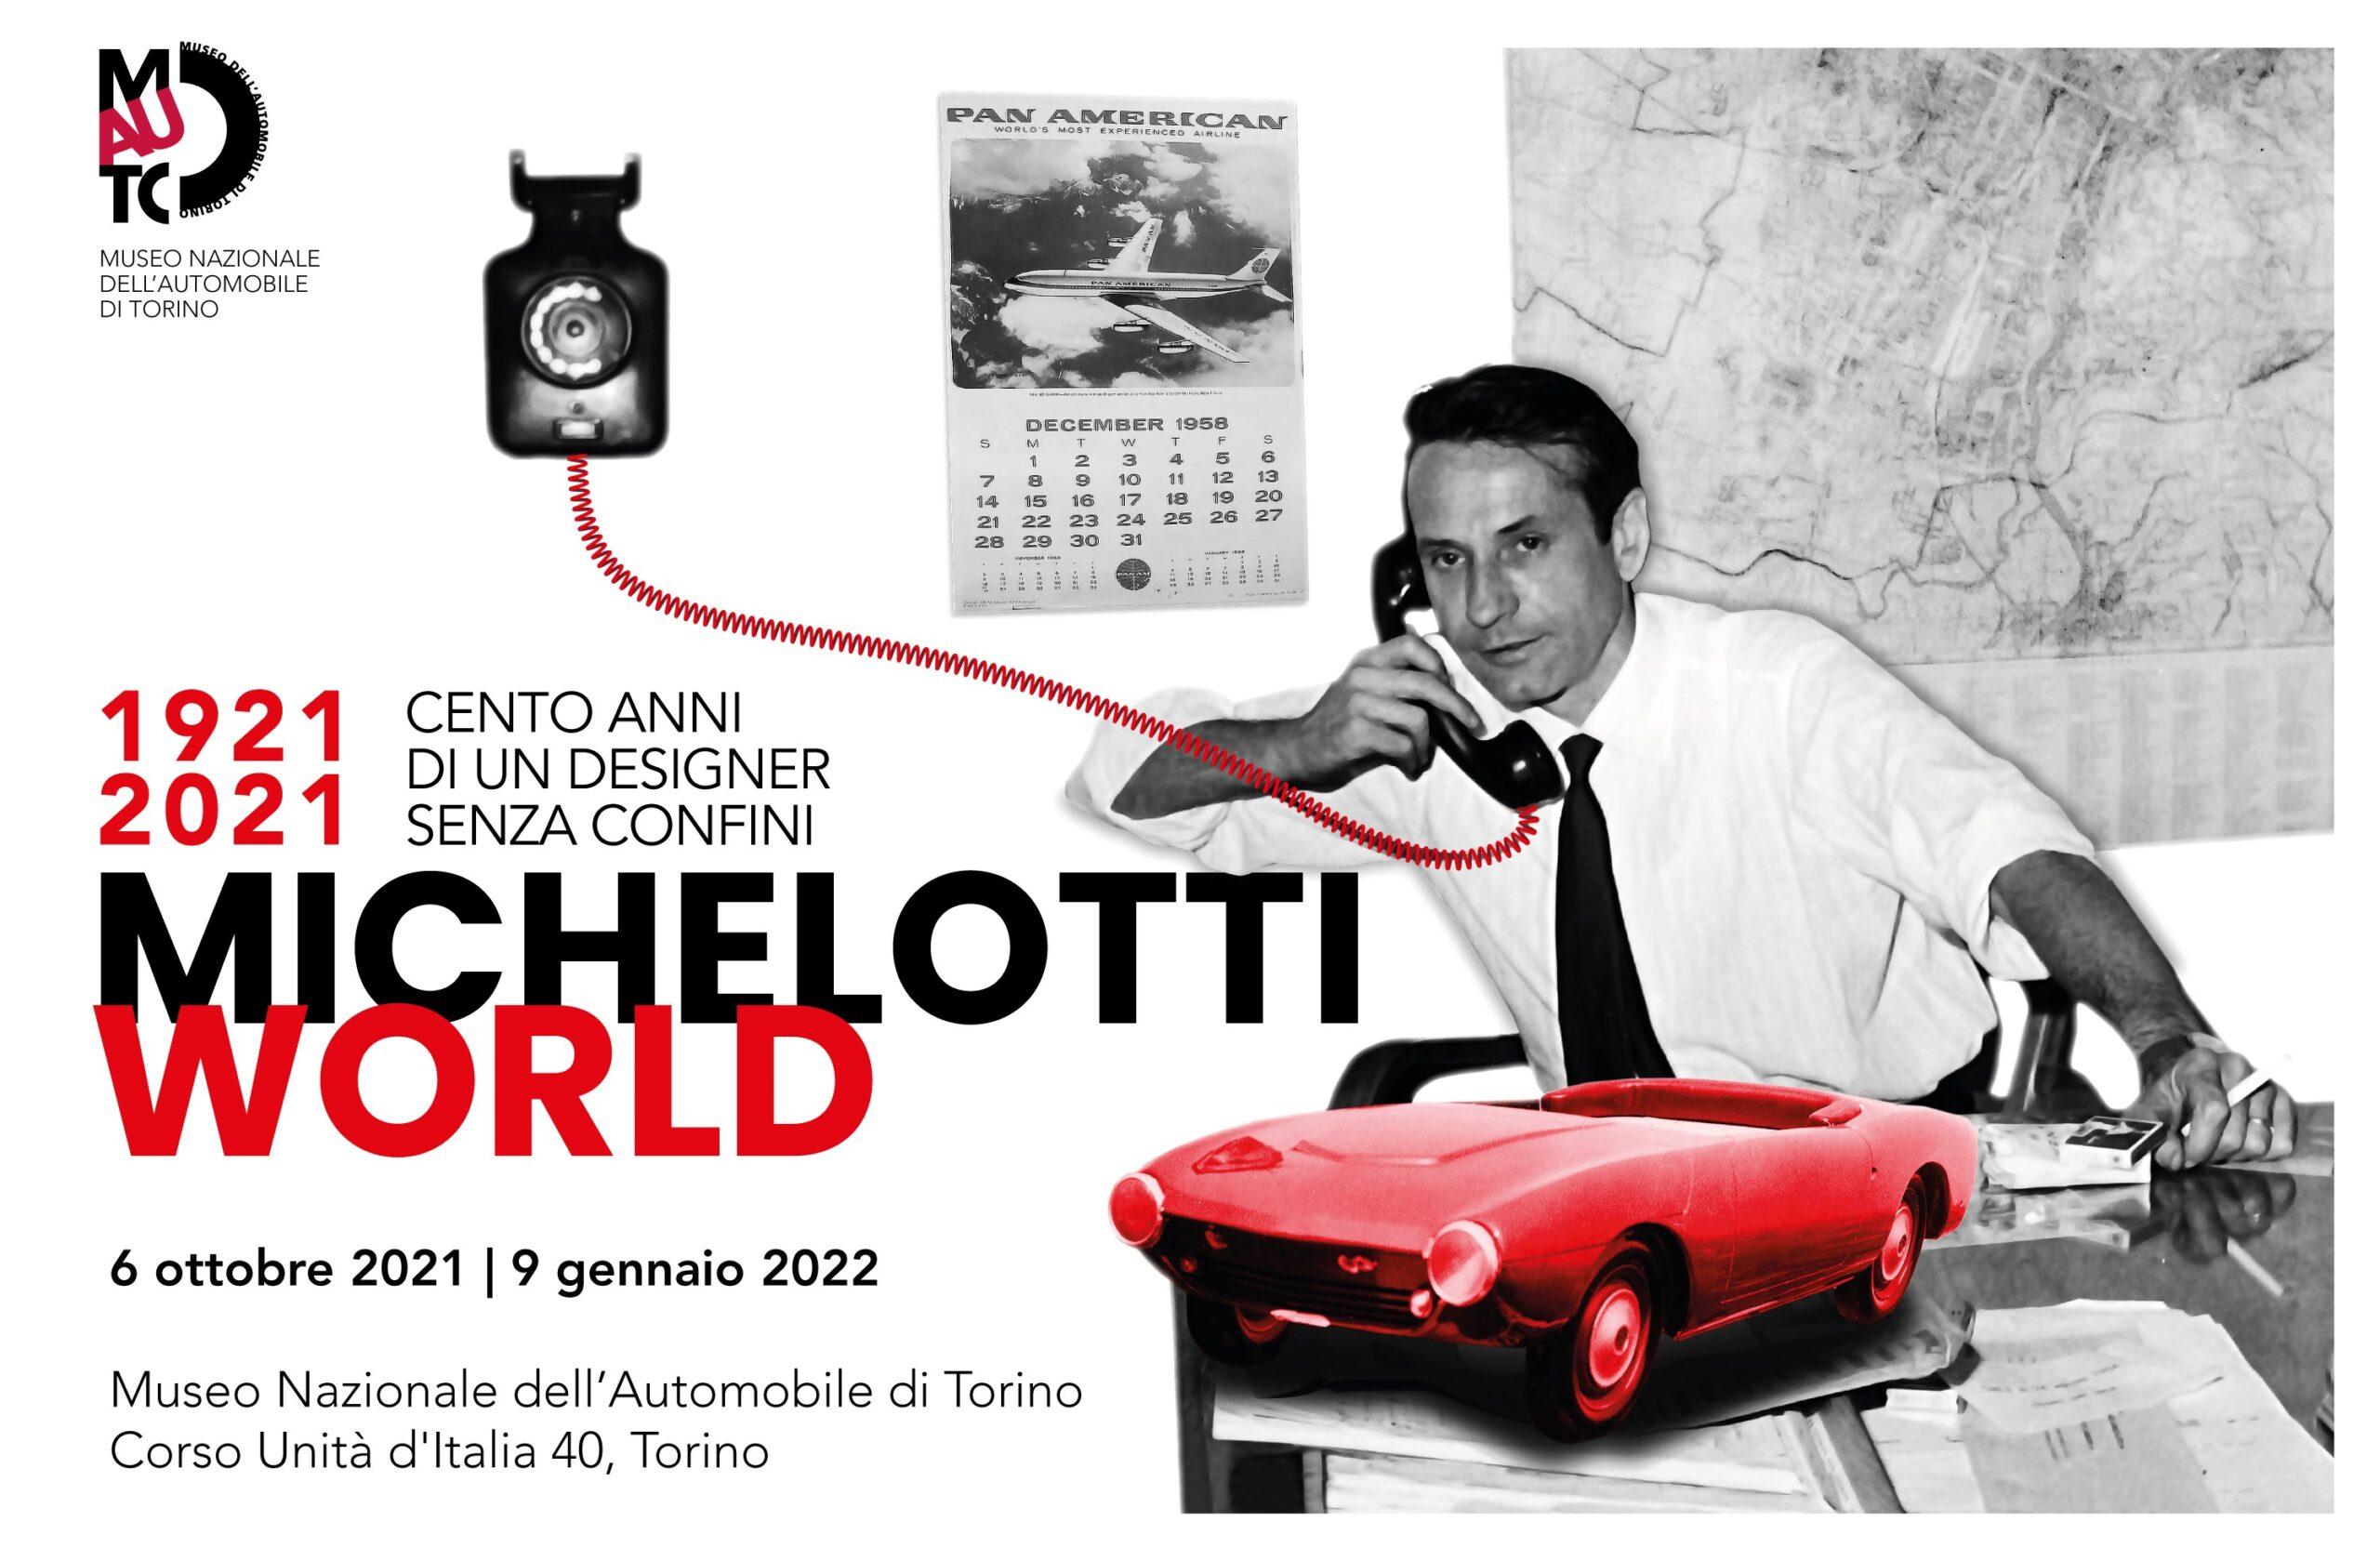 MICHELOTTI WORLD. 1921-2021 Cento anni di un designer senza confini